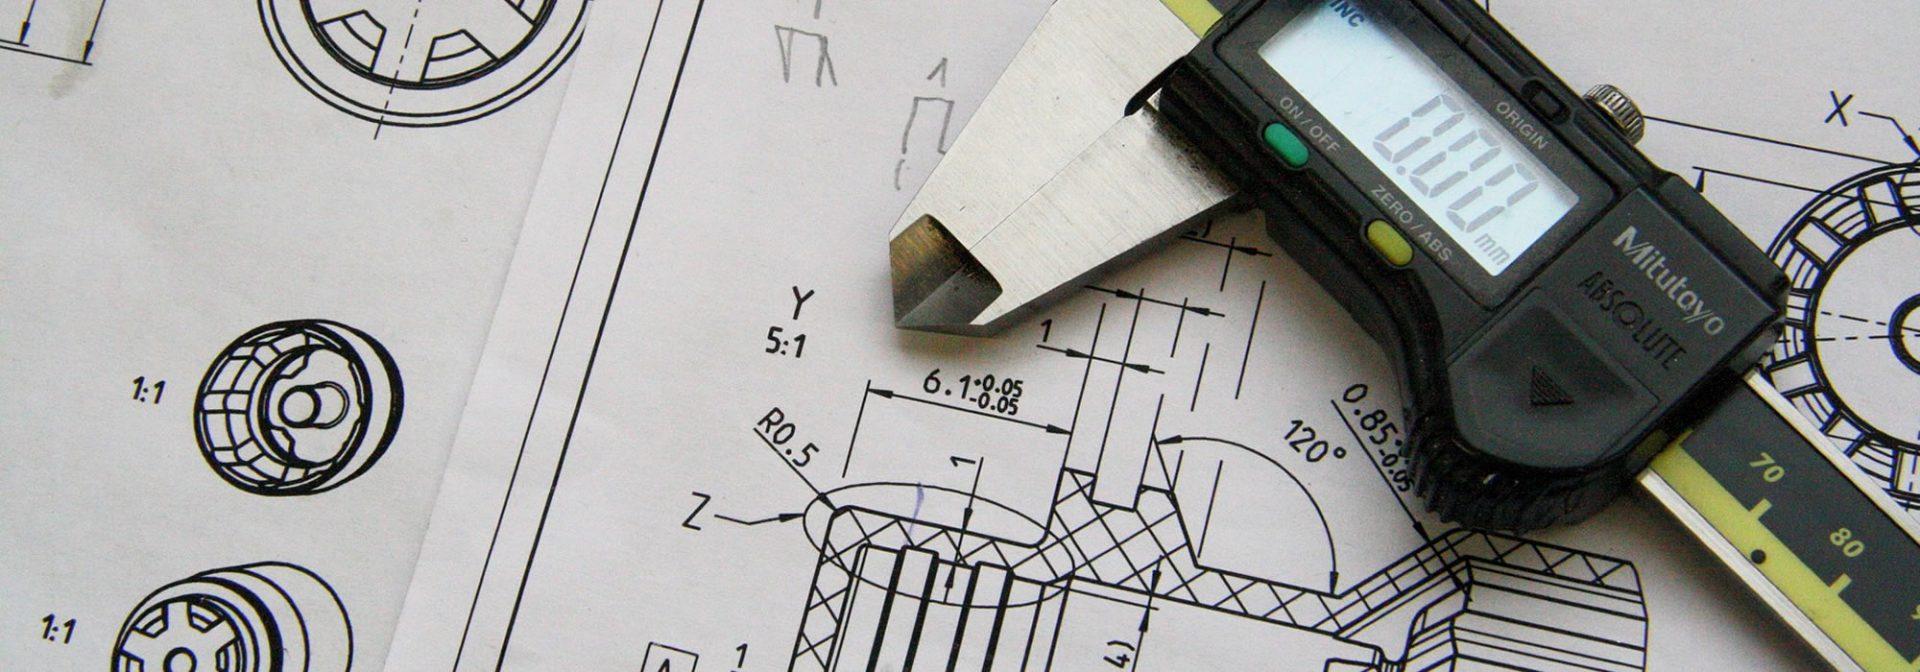 La documentazione tecnica: un servizio indispensabile all'azienda